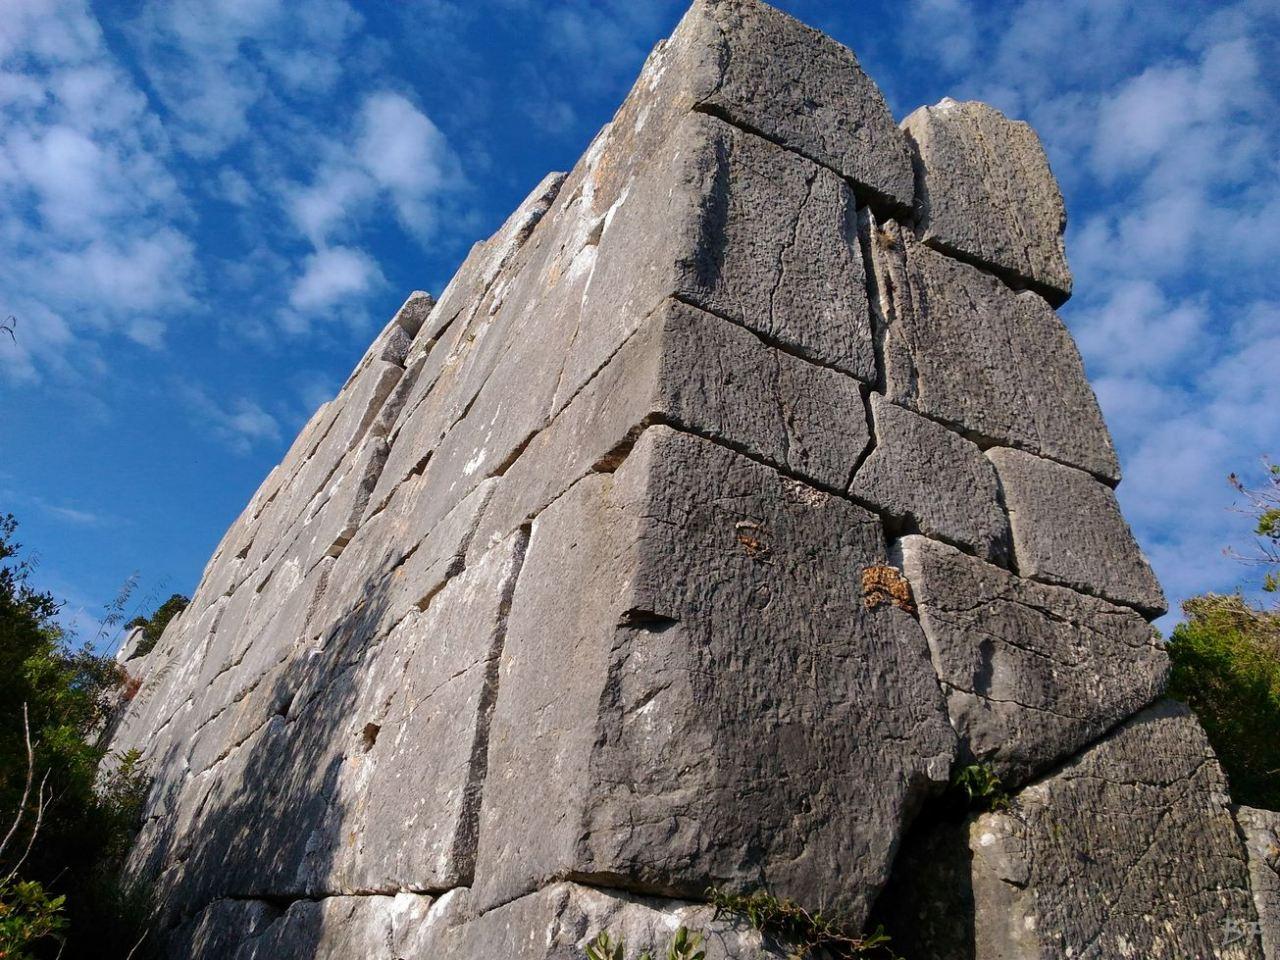 Circeii-Mura-Megalitiche-Poligonali-Latina-Lazio-Italia-2